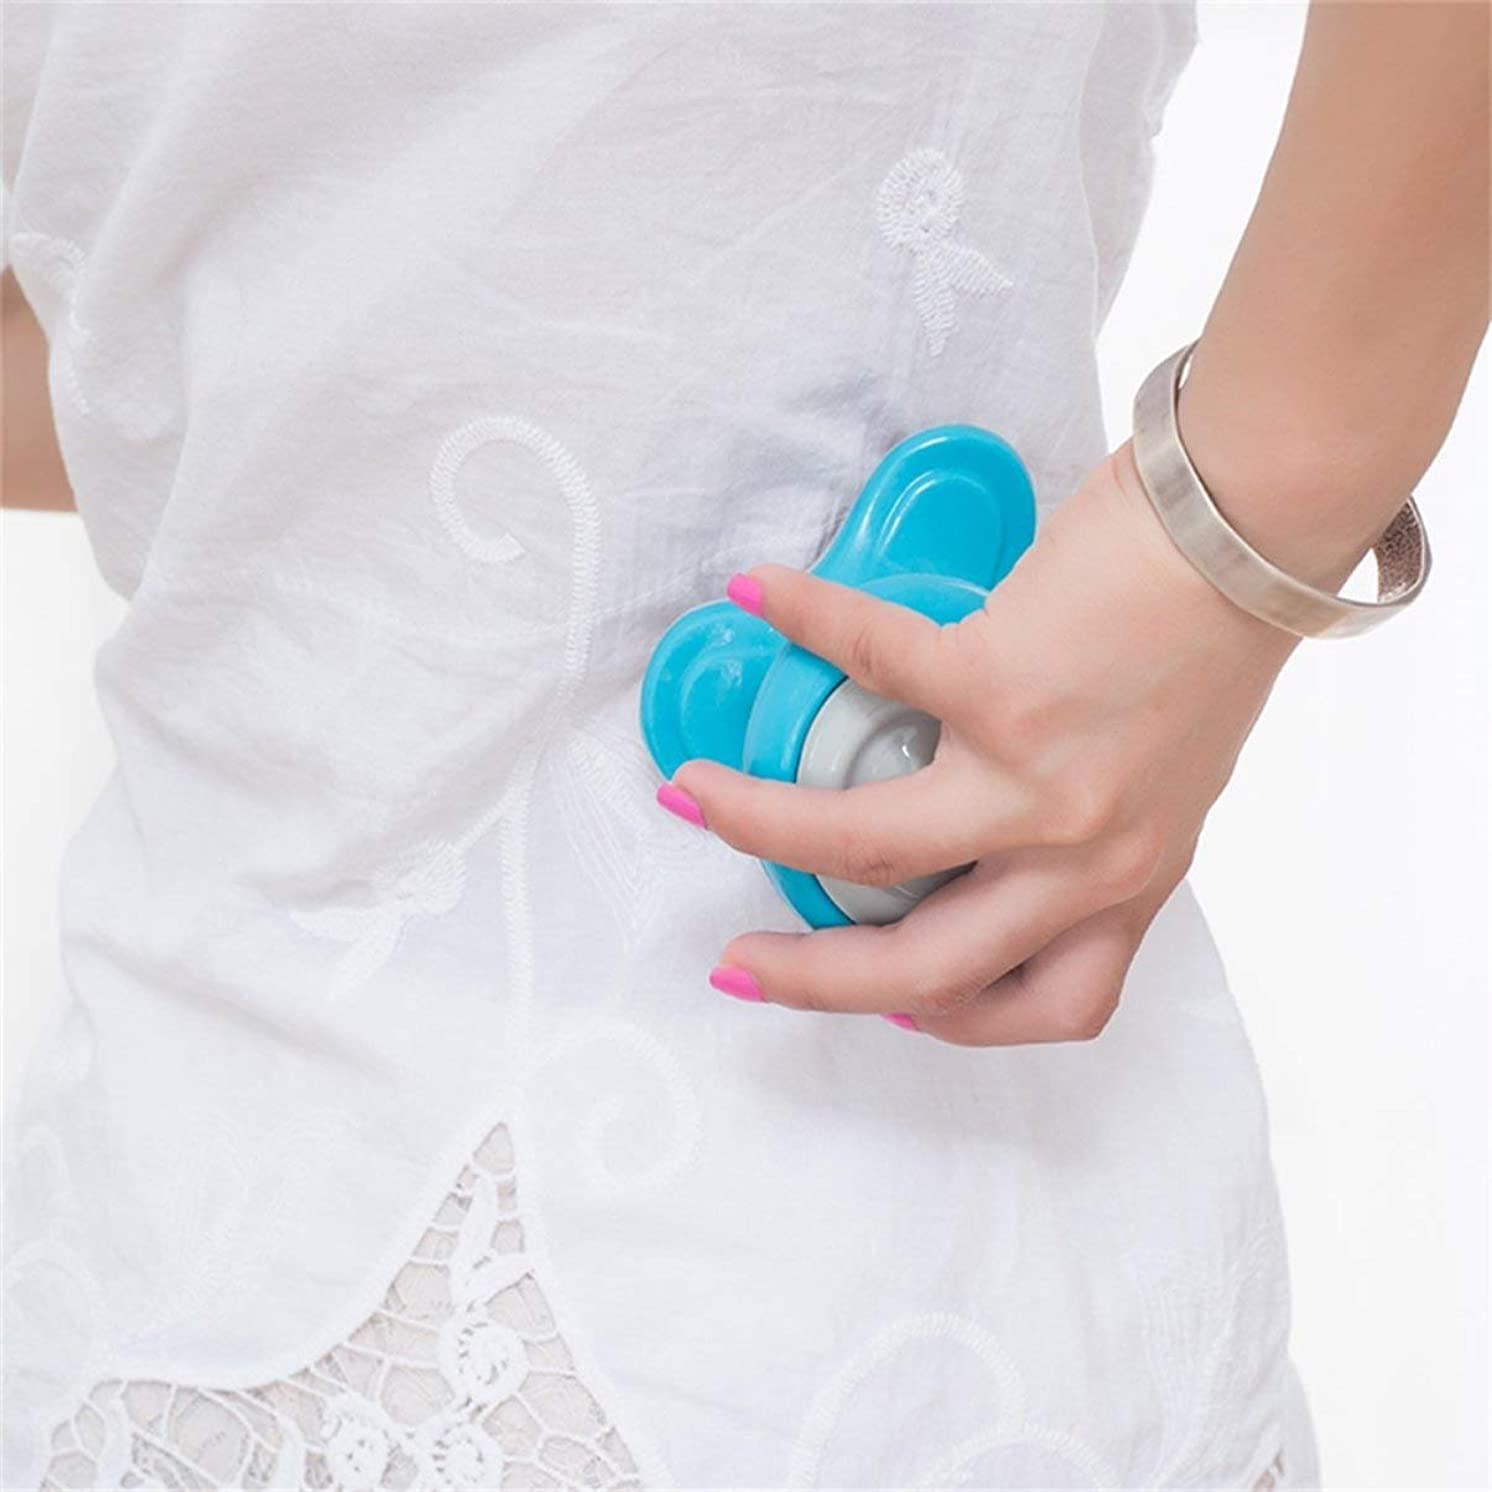 スラム街二週間対角線Mini Electric Handled Wave Vibrating Massager USB Battery Full Body Massage Ultra-compact Lightweight Convenient for Carrying